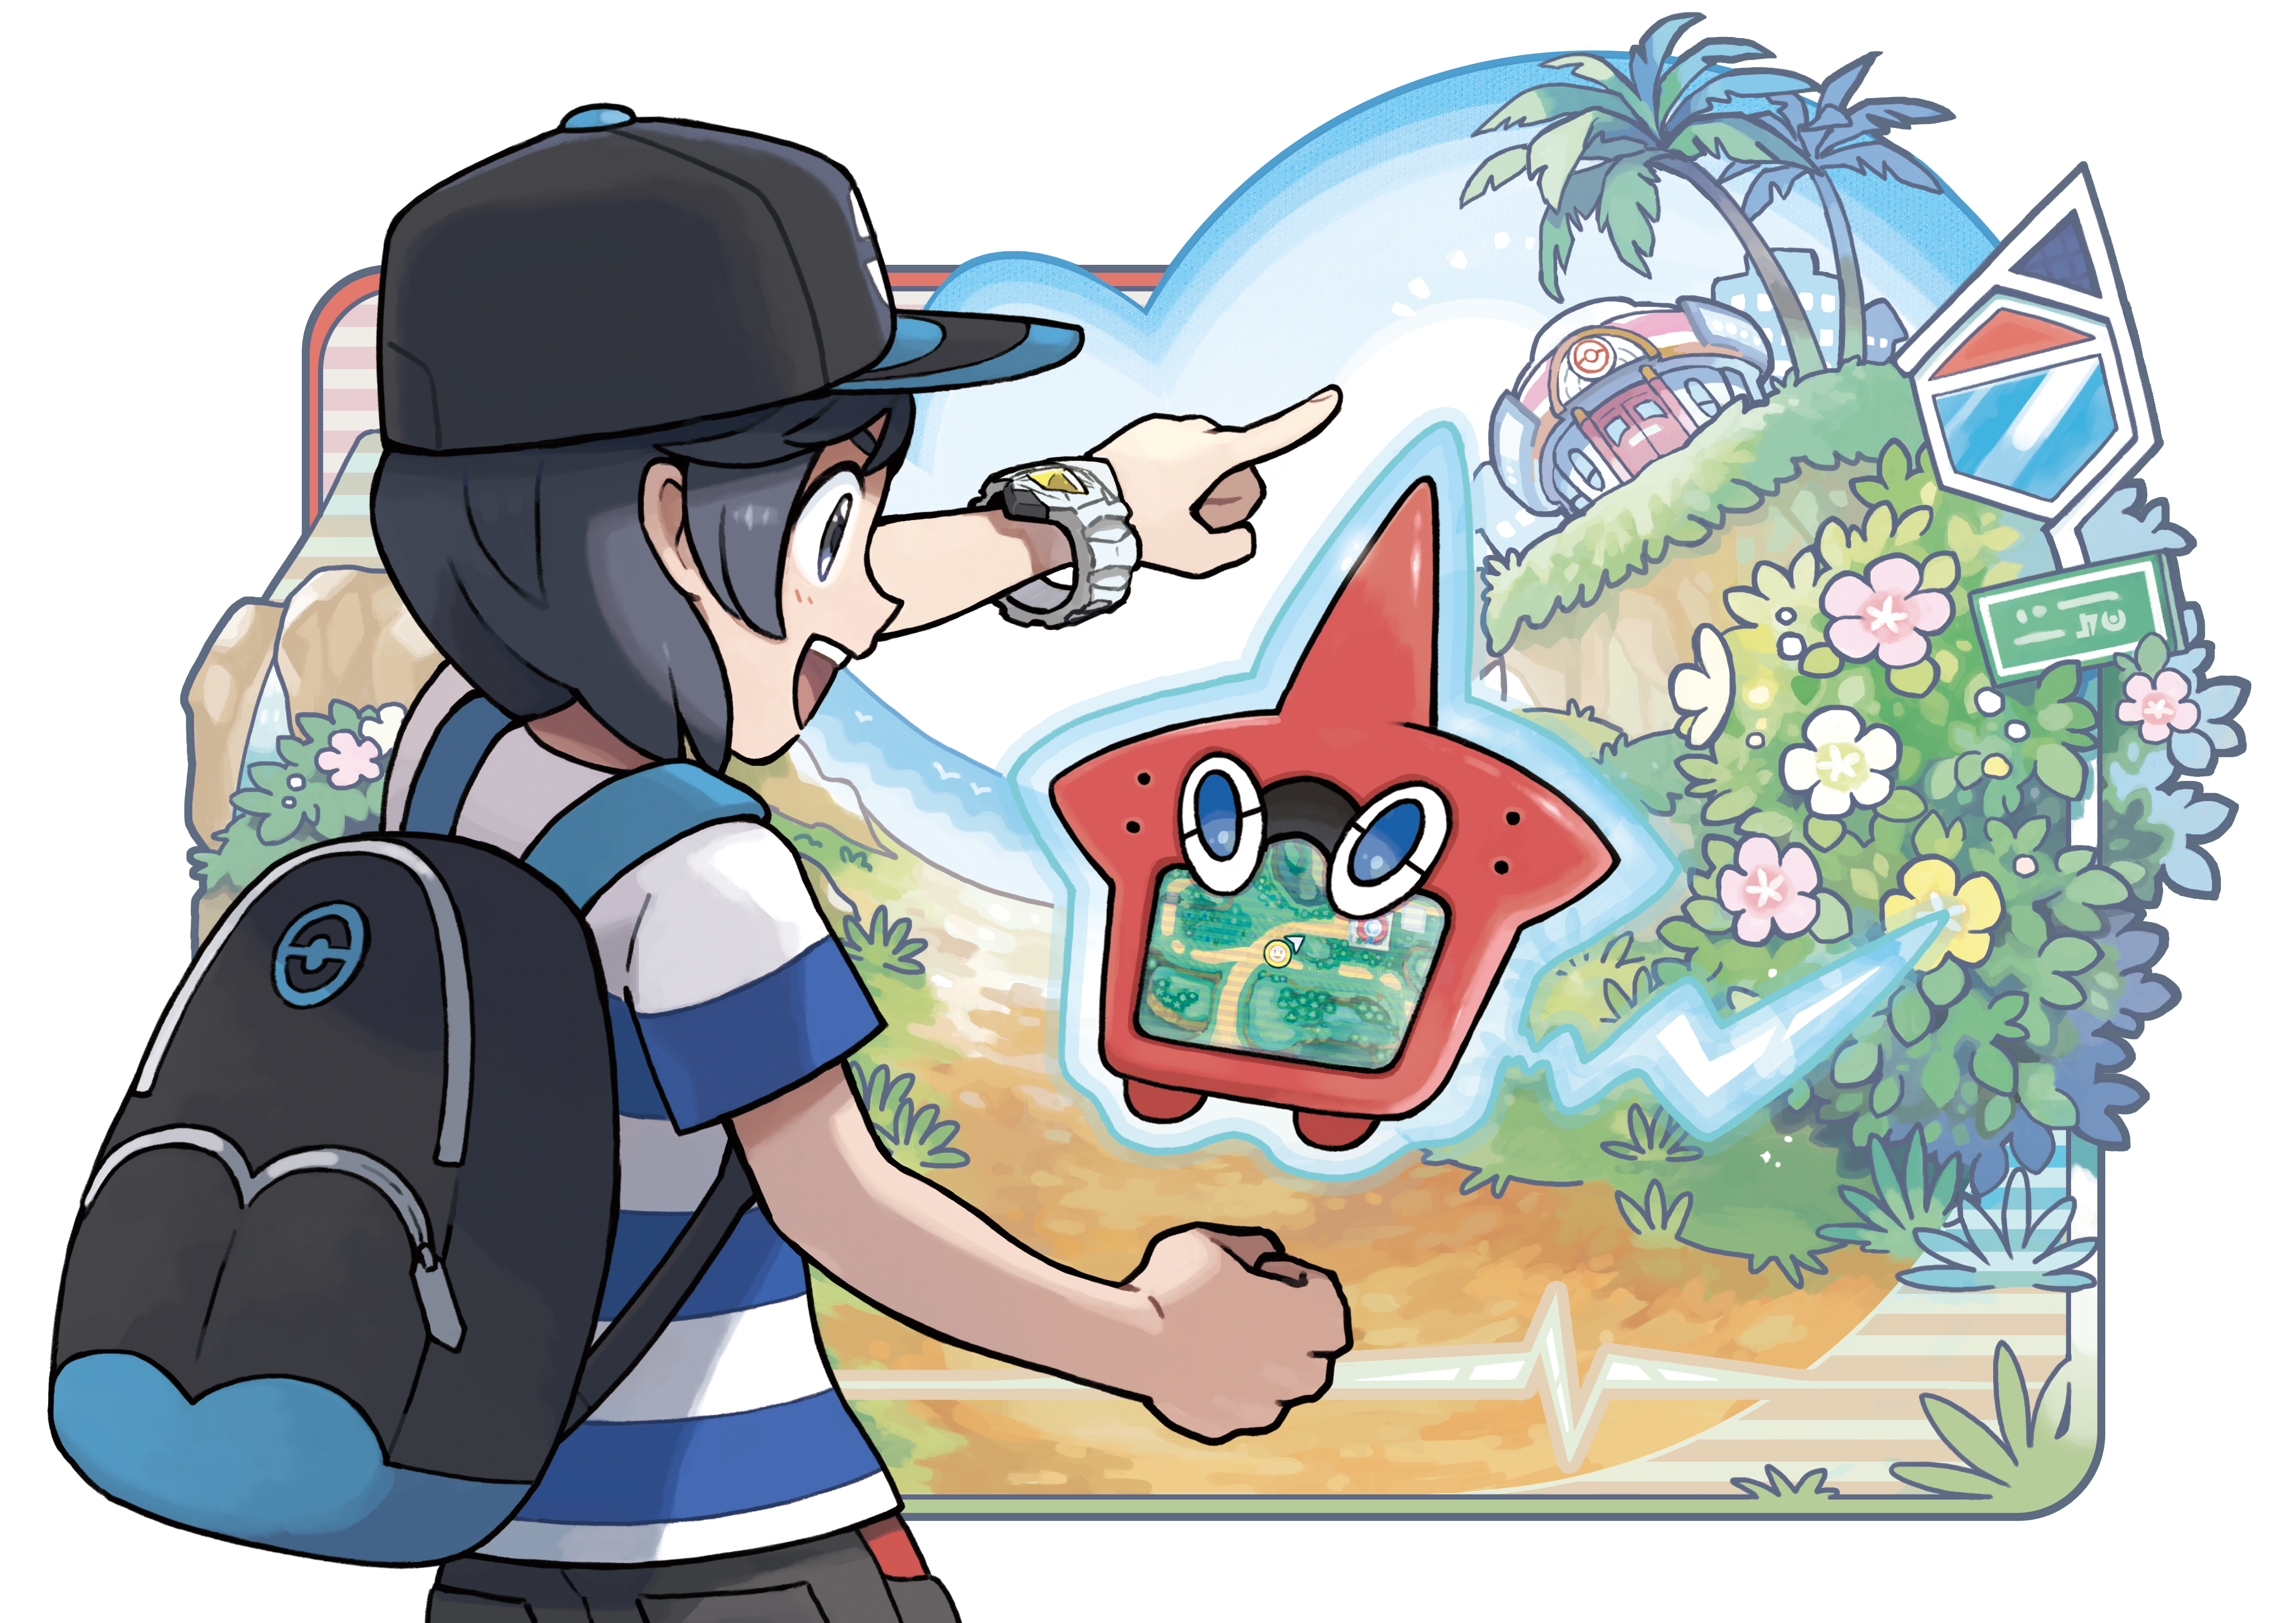 Rotom Pokédex | Pokémon Wiki | FANDOM powered by Wikia